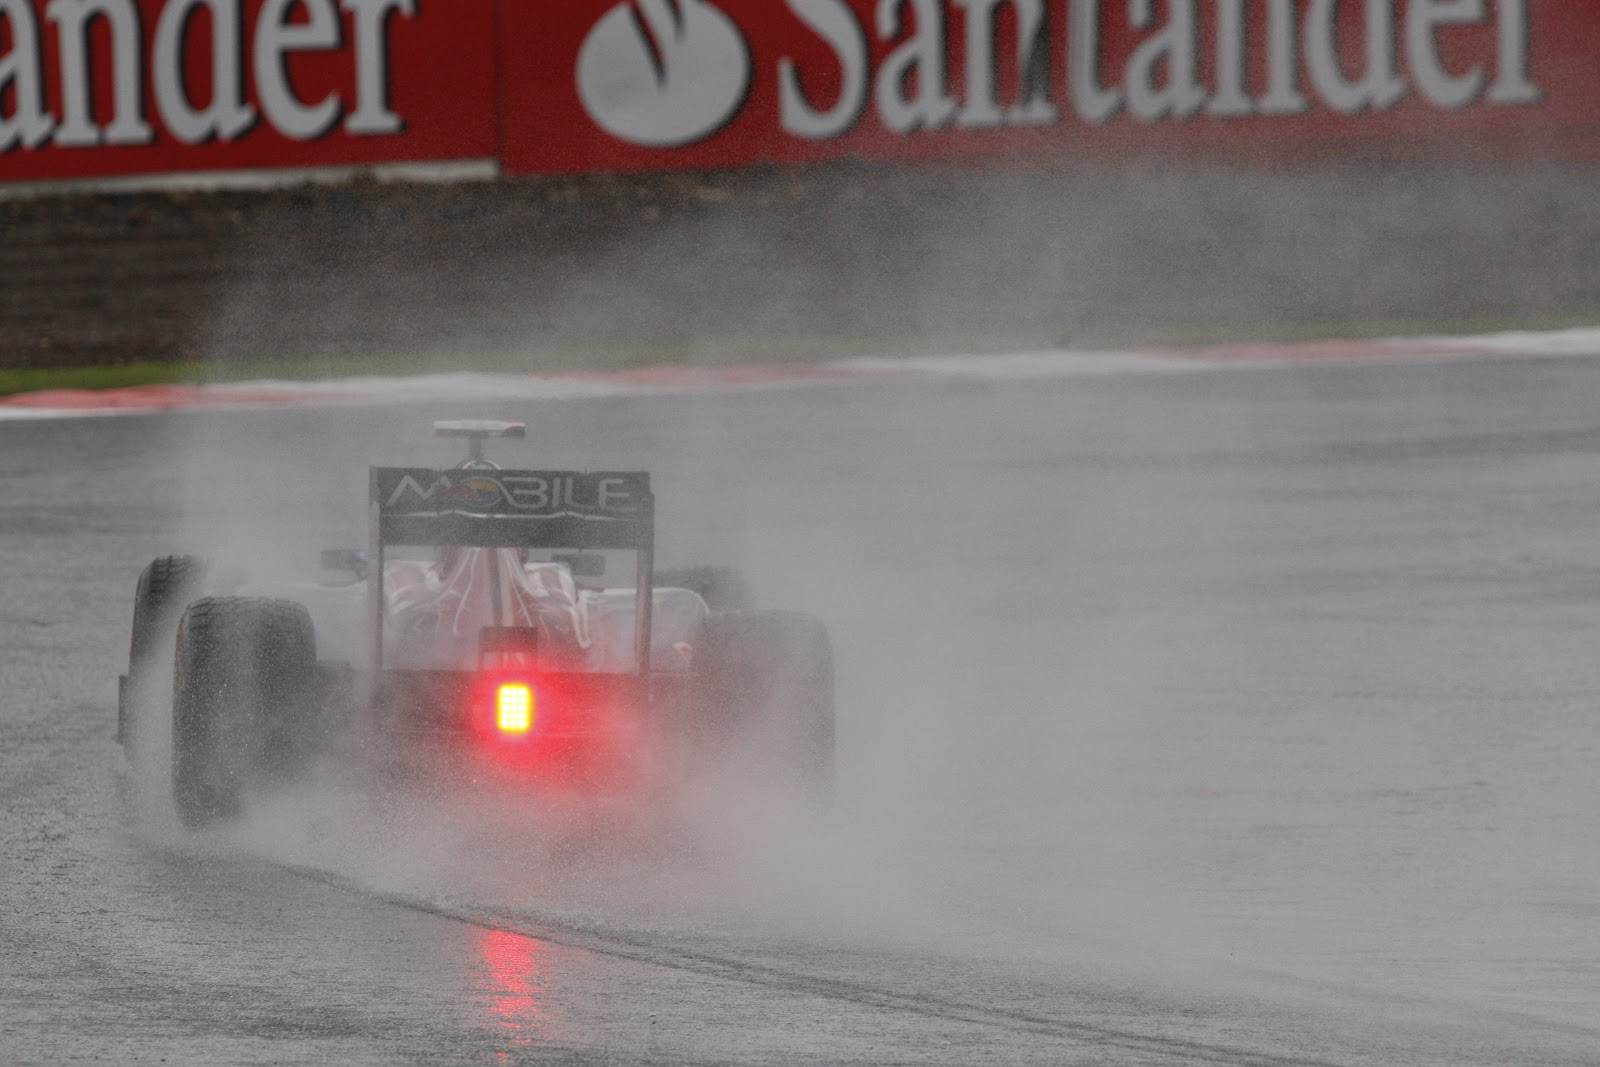 http://1.bp.blogspot.com/-UtIUDfqchZo/T_S-L5dFoiI/AAAAAAAABNs/eXqD0NxJTgE/s1600/Silverstone+2011+wet.JPG